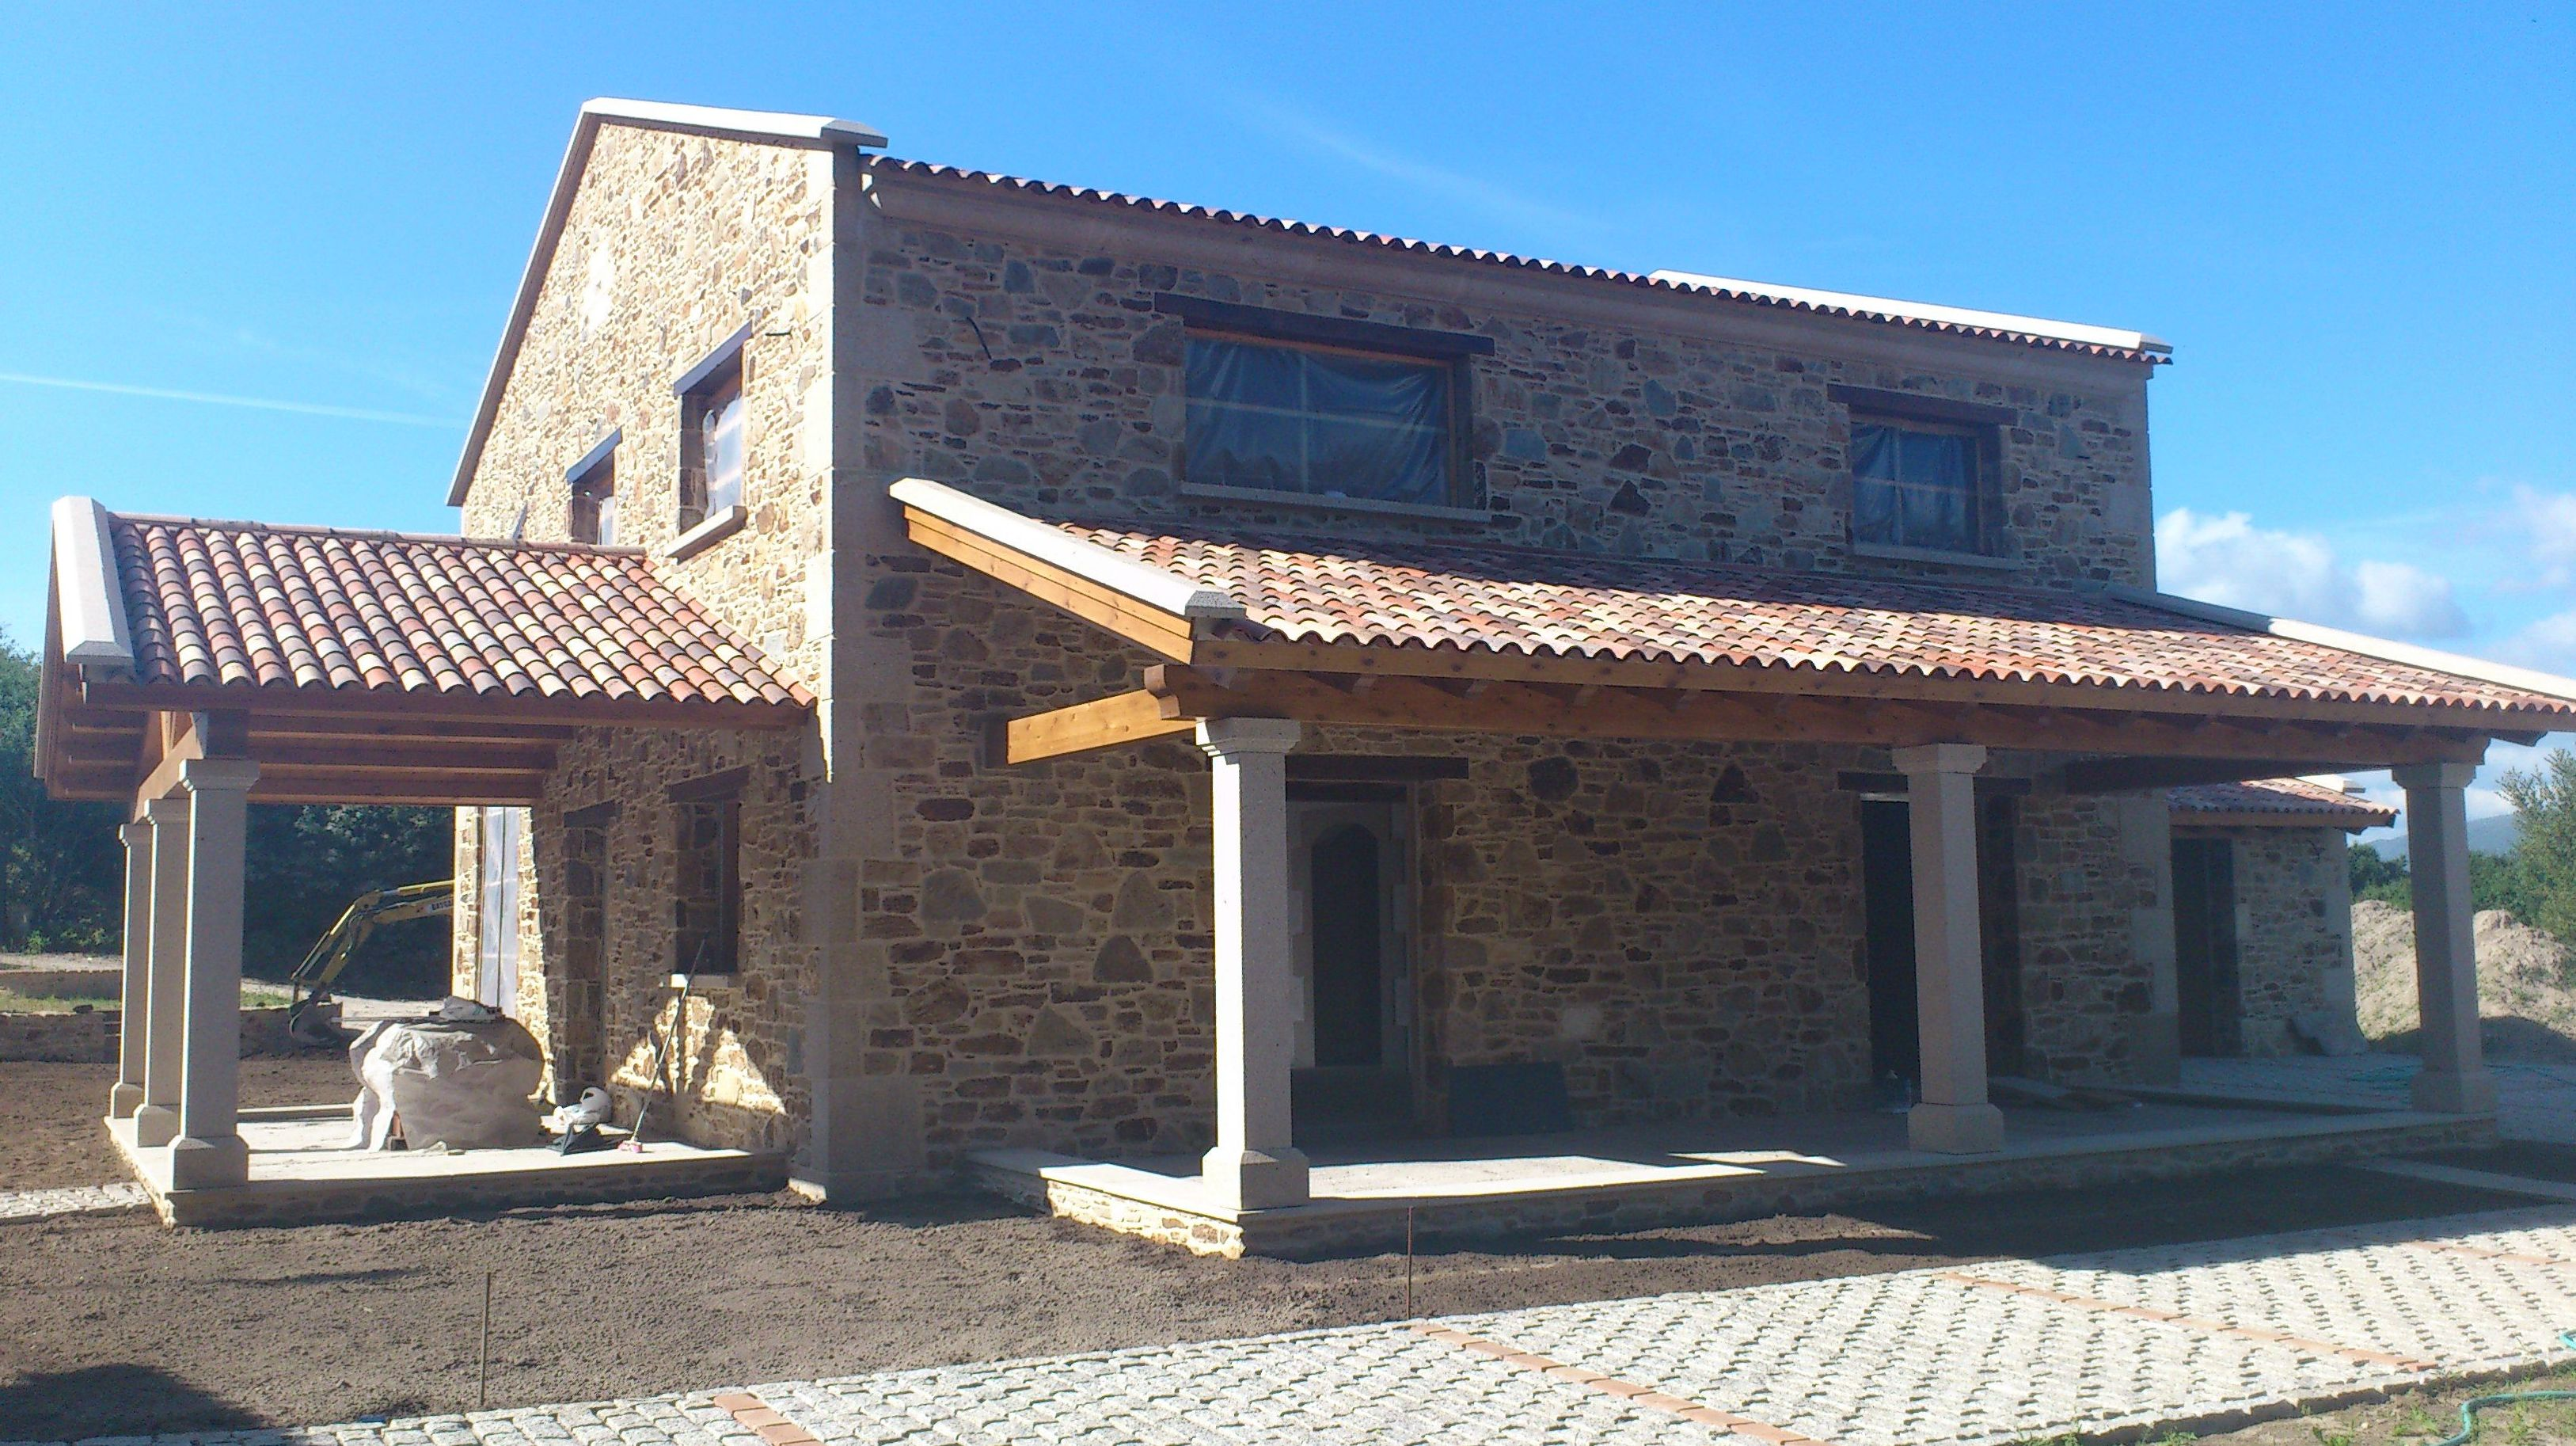 Trabajos artesanos en piedra: Servicios y proyectos de Construcciones Javier Sánchez